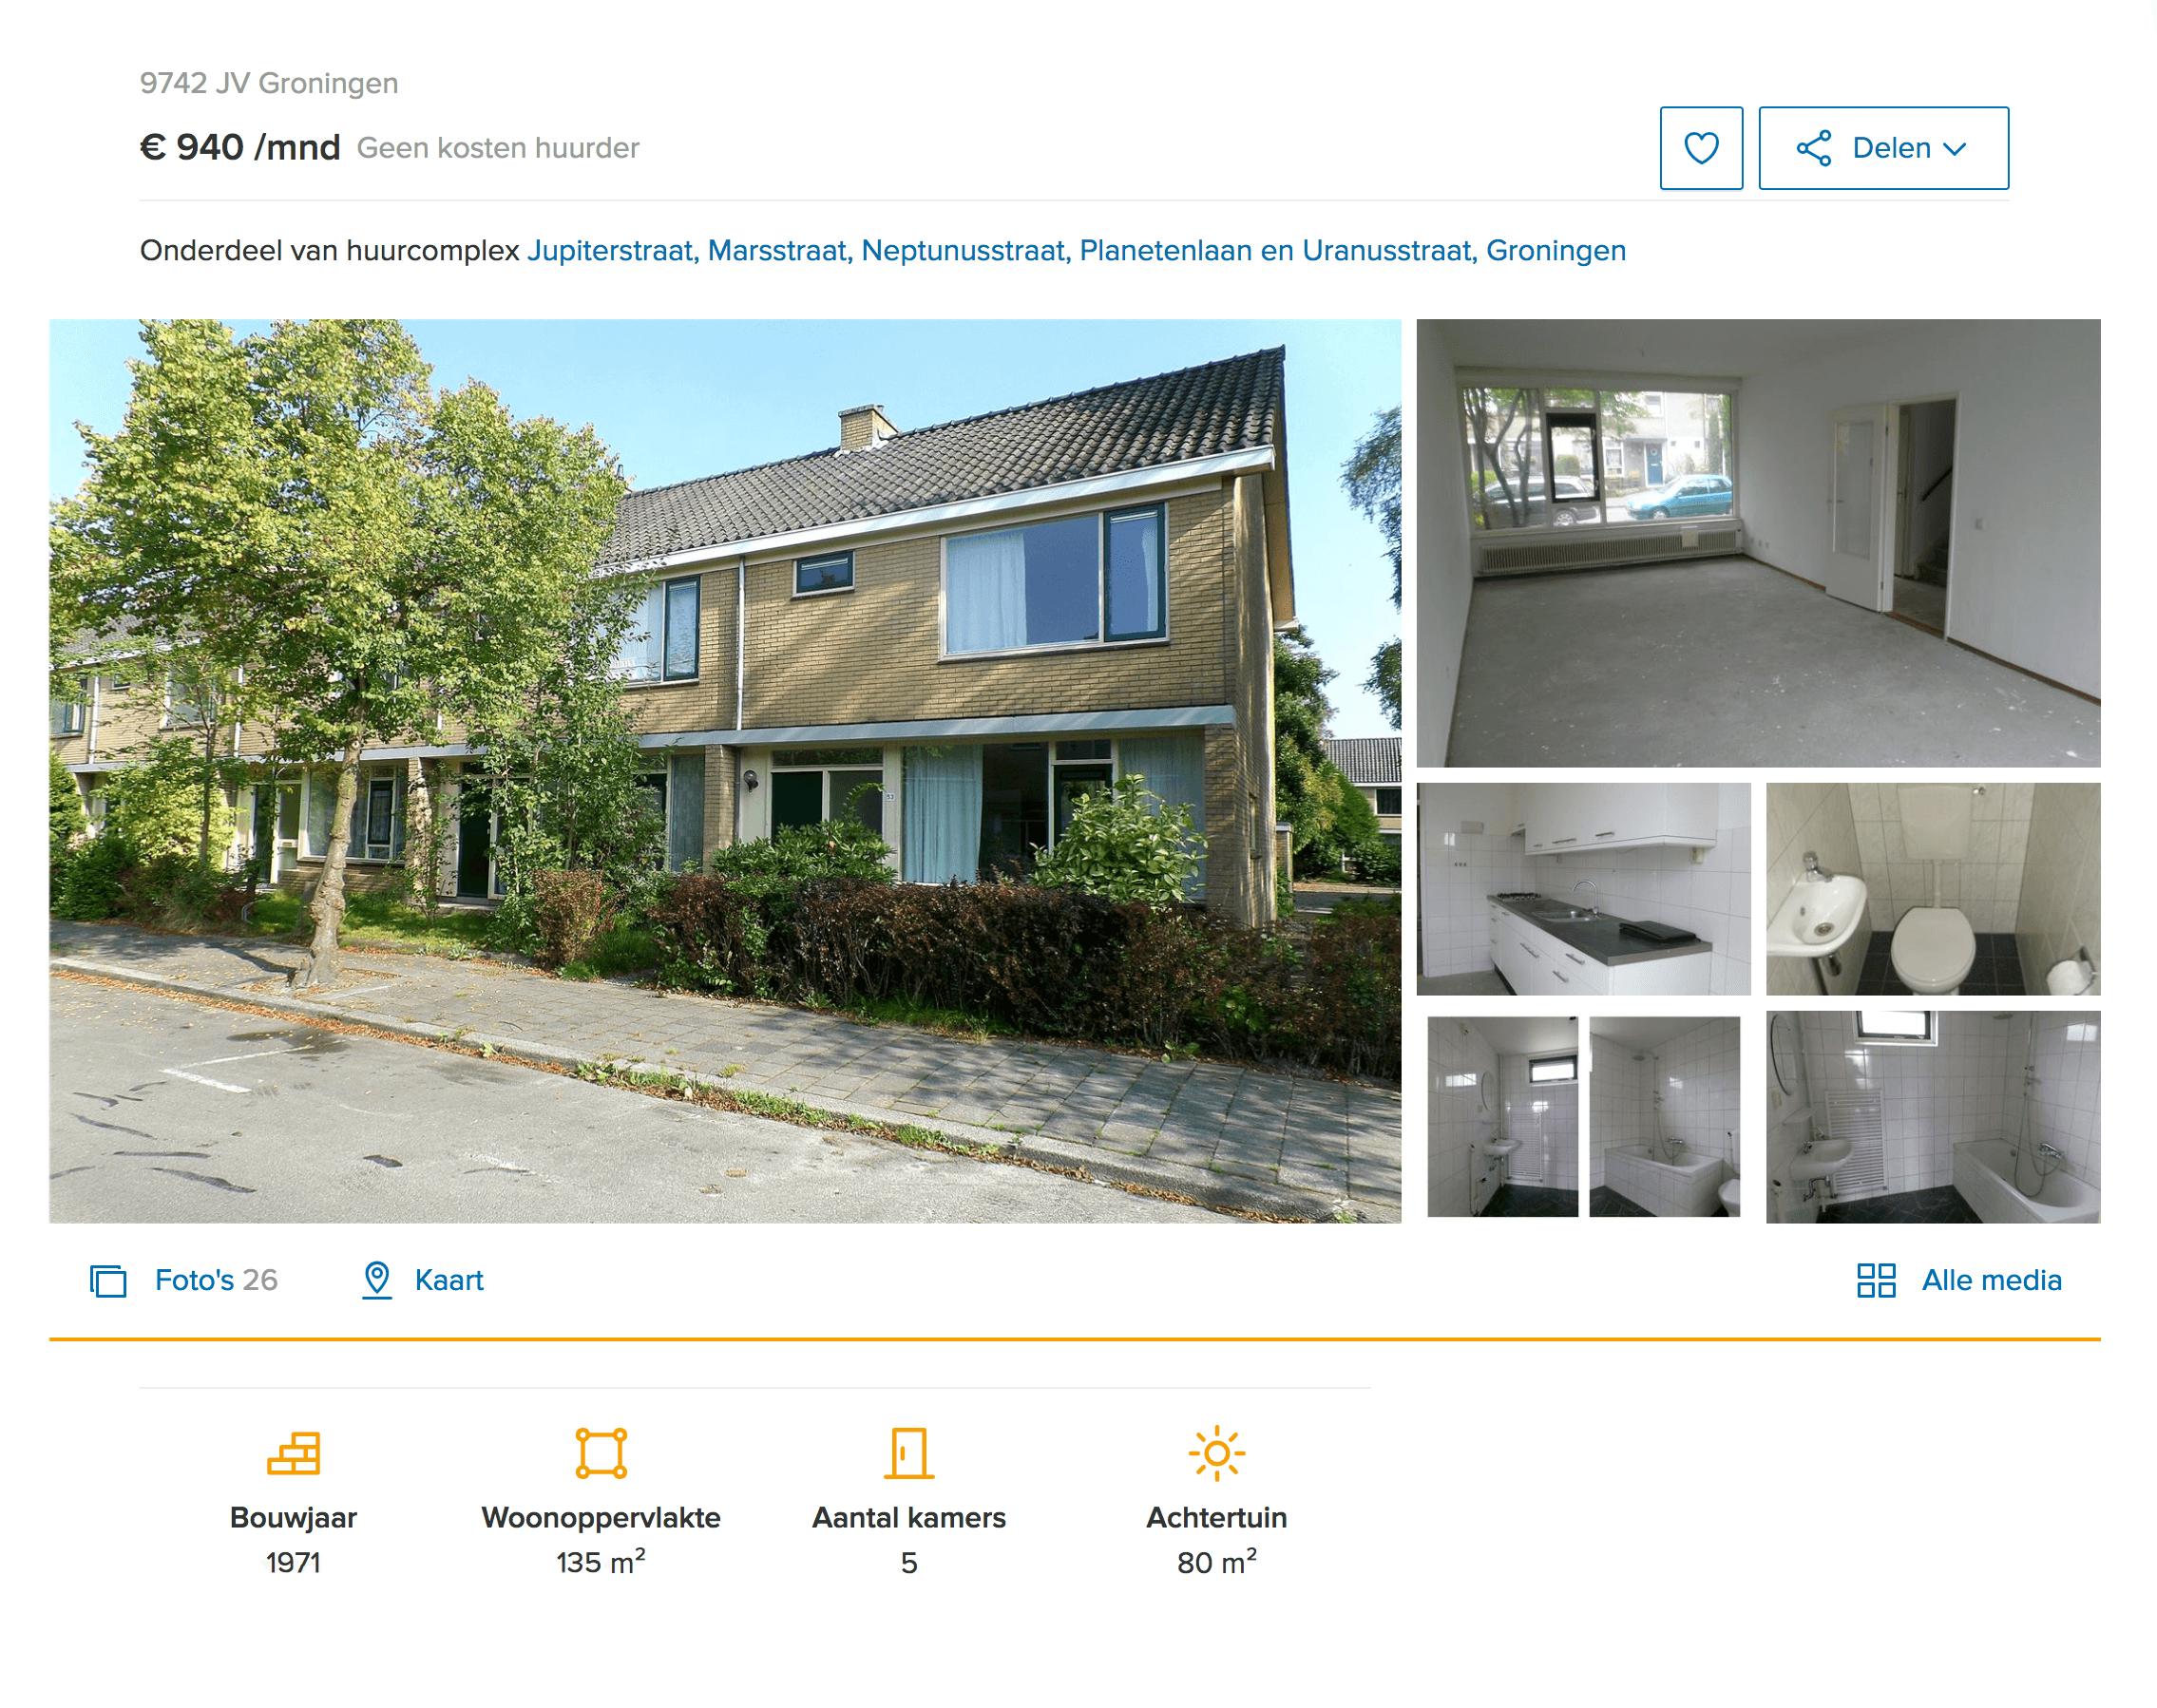 Квартира за 940€ (73 320<span class=ruble>Р</span>) в месяц площадью 135 м² сдается без напольного покрытия — при&nbsp;въезде жильцов ждет бетонный пол